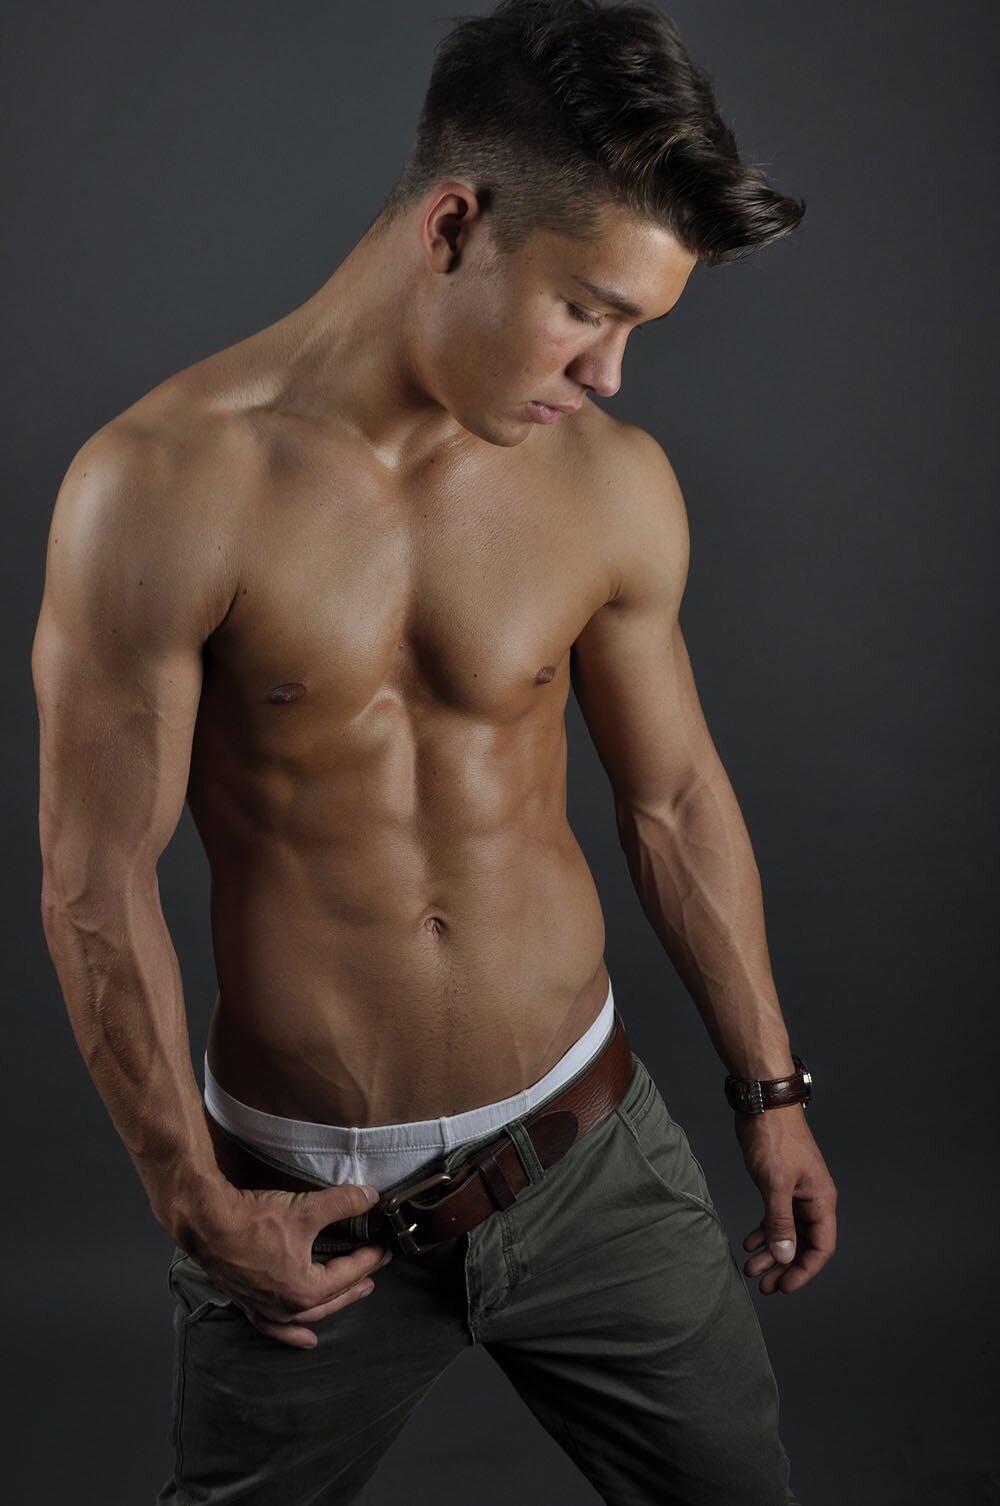 даже красивые парни голые в джинсах фото еще лучше это